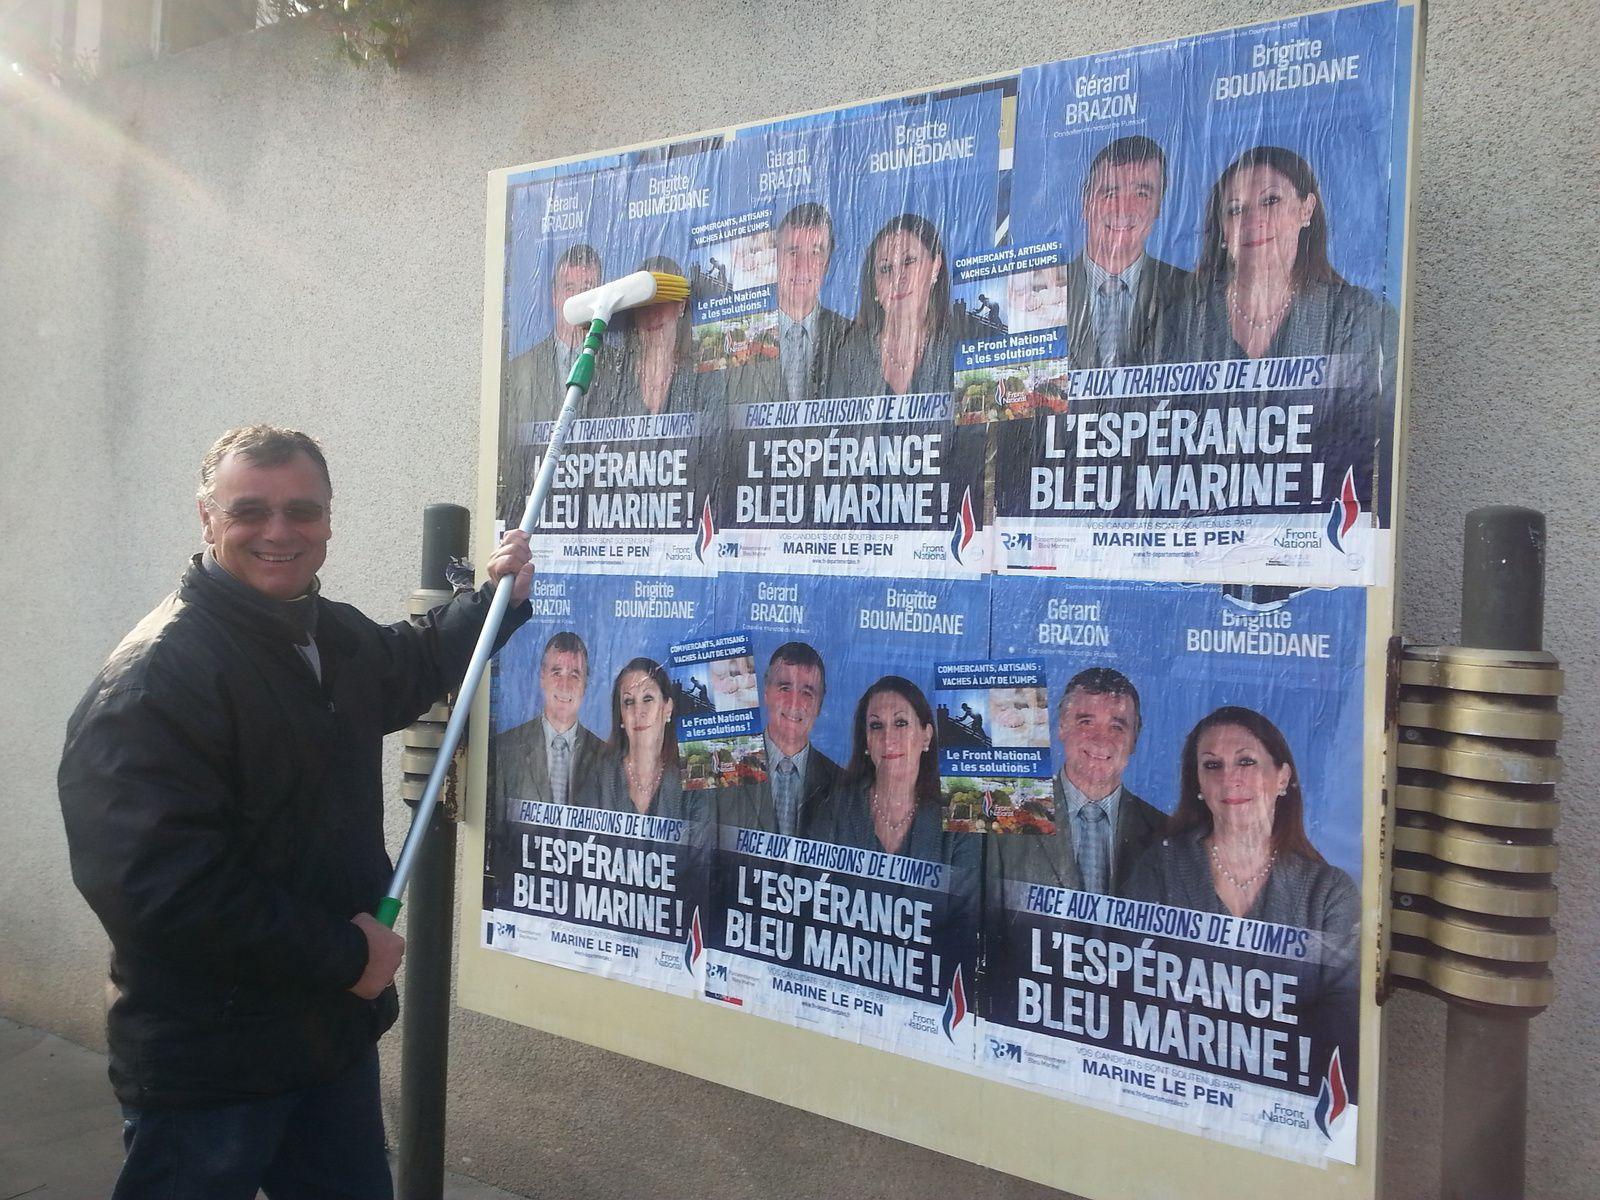 Un samedi et dimanche avant les élections. Venez voter Front National